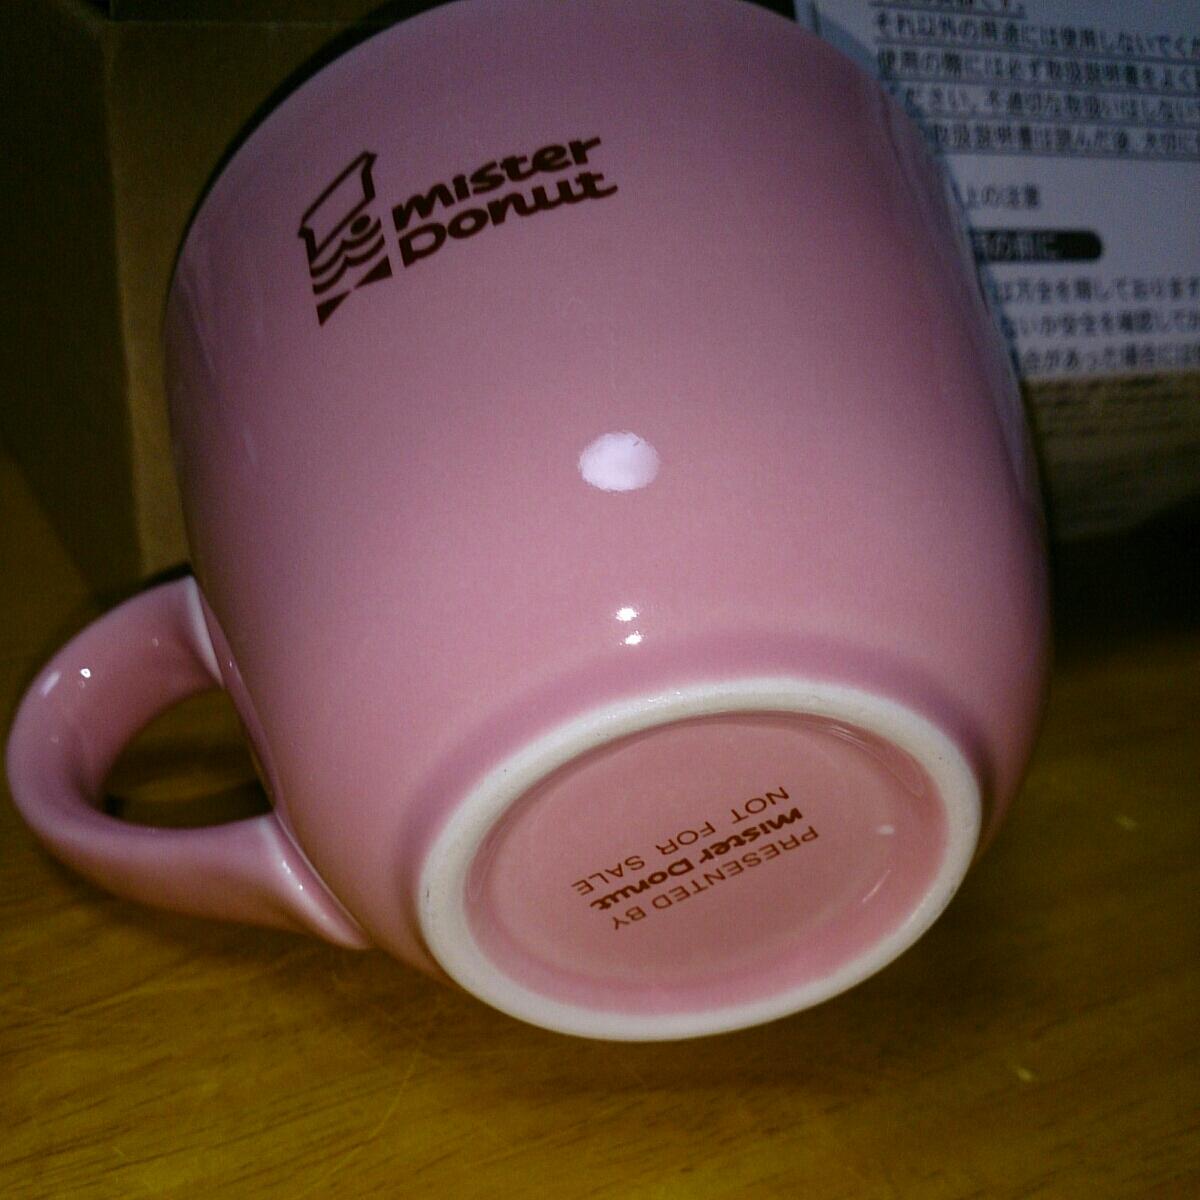 ミスタードーナツ☆オリジナルマグカップ☆ピンク☆非売品レアコップミスド_画像2